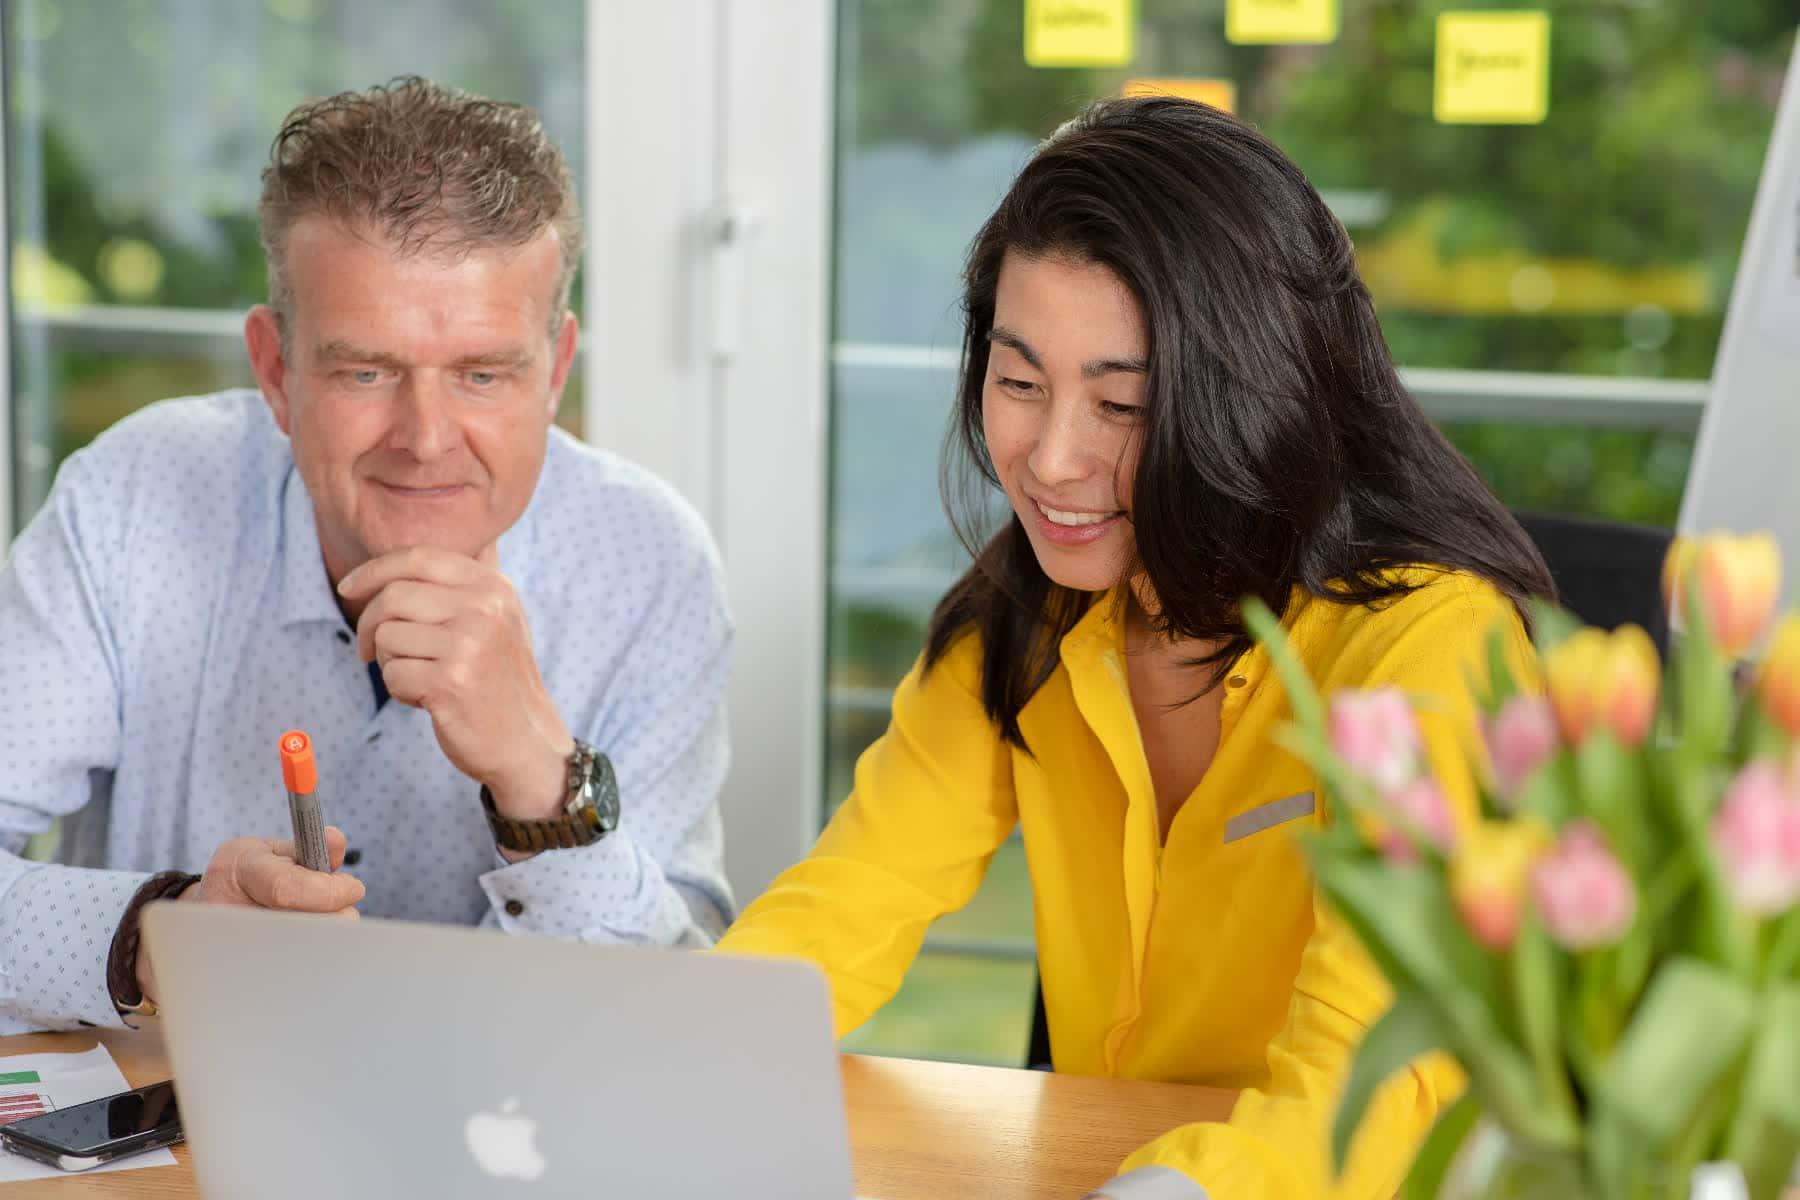 Corporate Fotografie Asiatische Frau im Gespräch mit einem Kollegen am Laptop